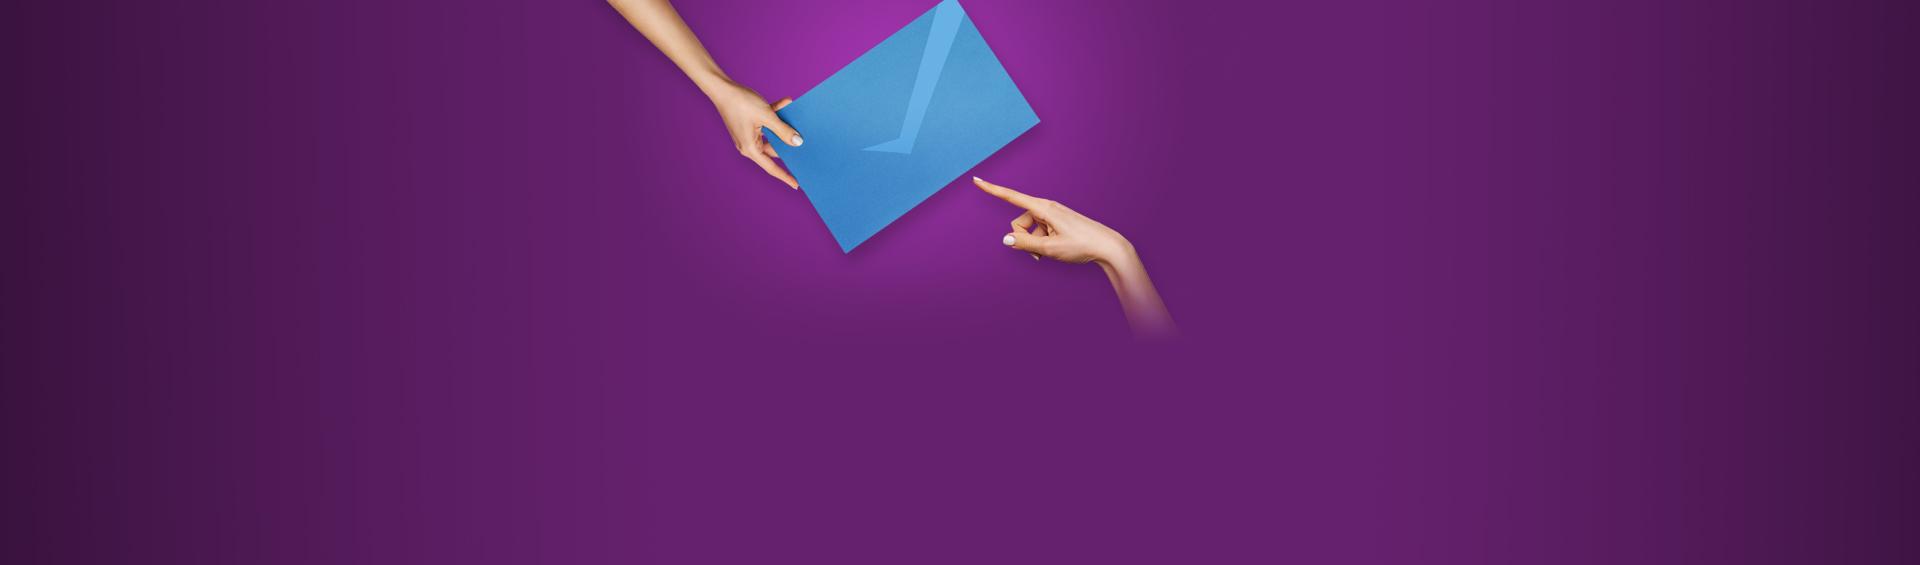 Email-рассылка в НКО: как запустить, какие метрики отслеживать и на чем можно сэкономить